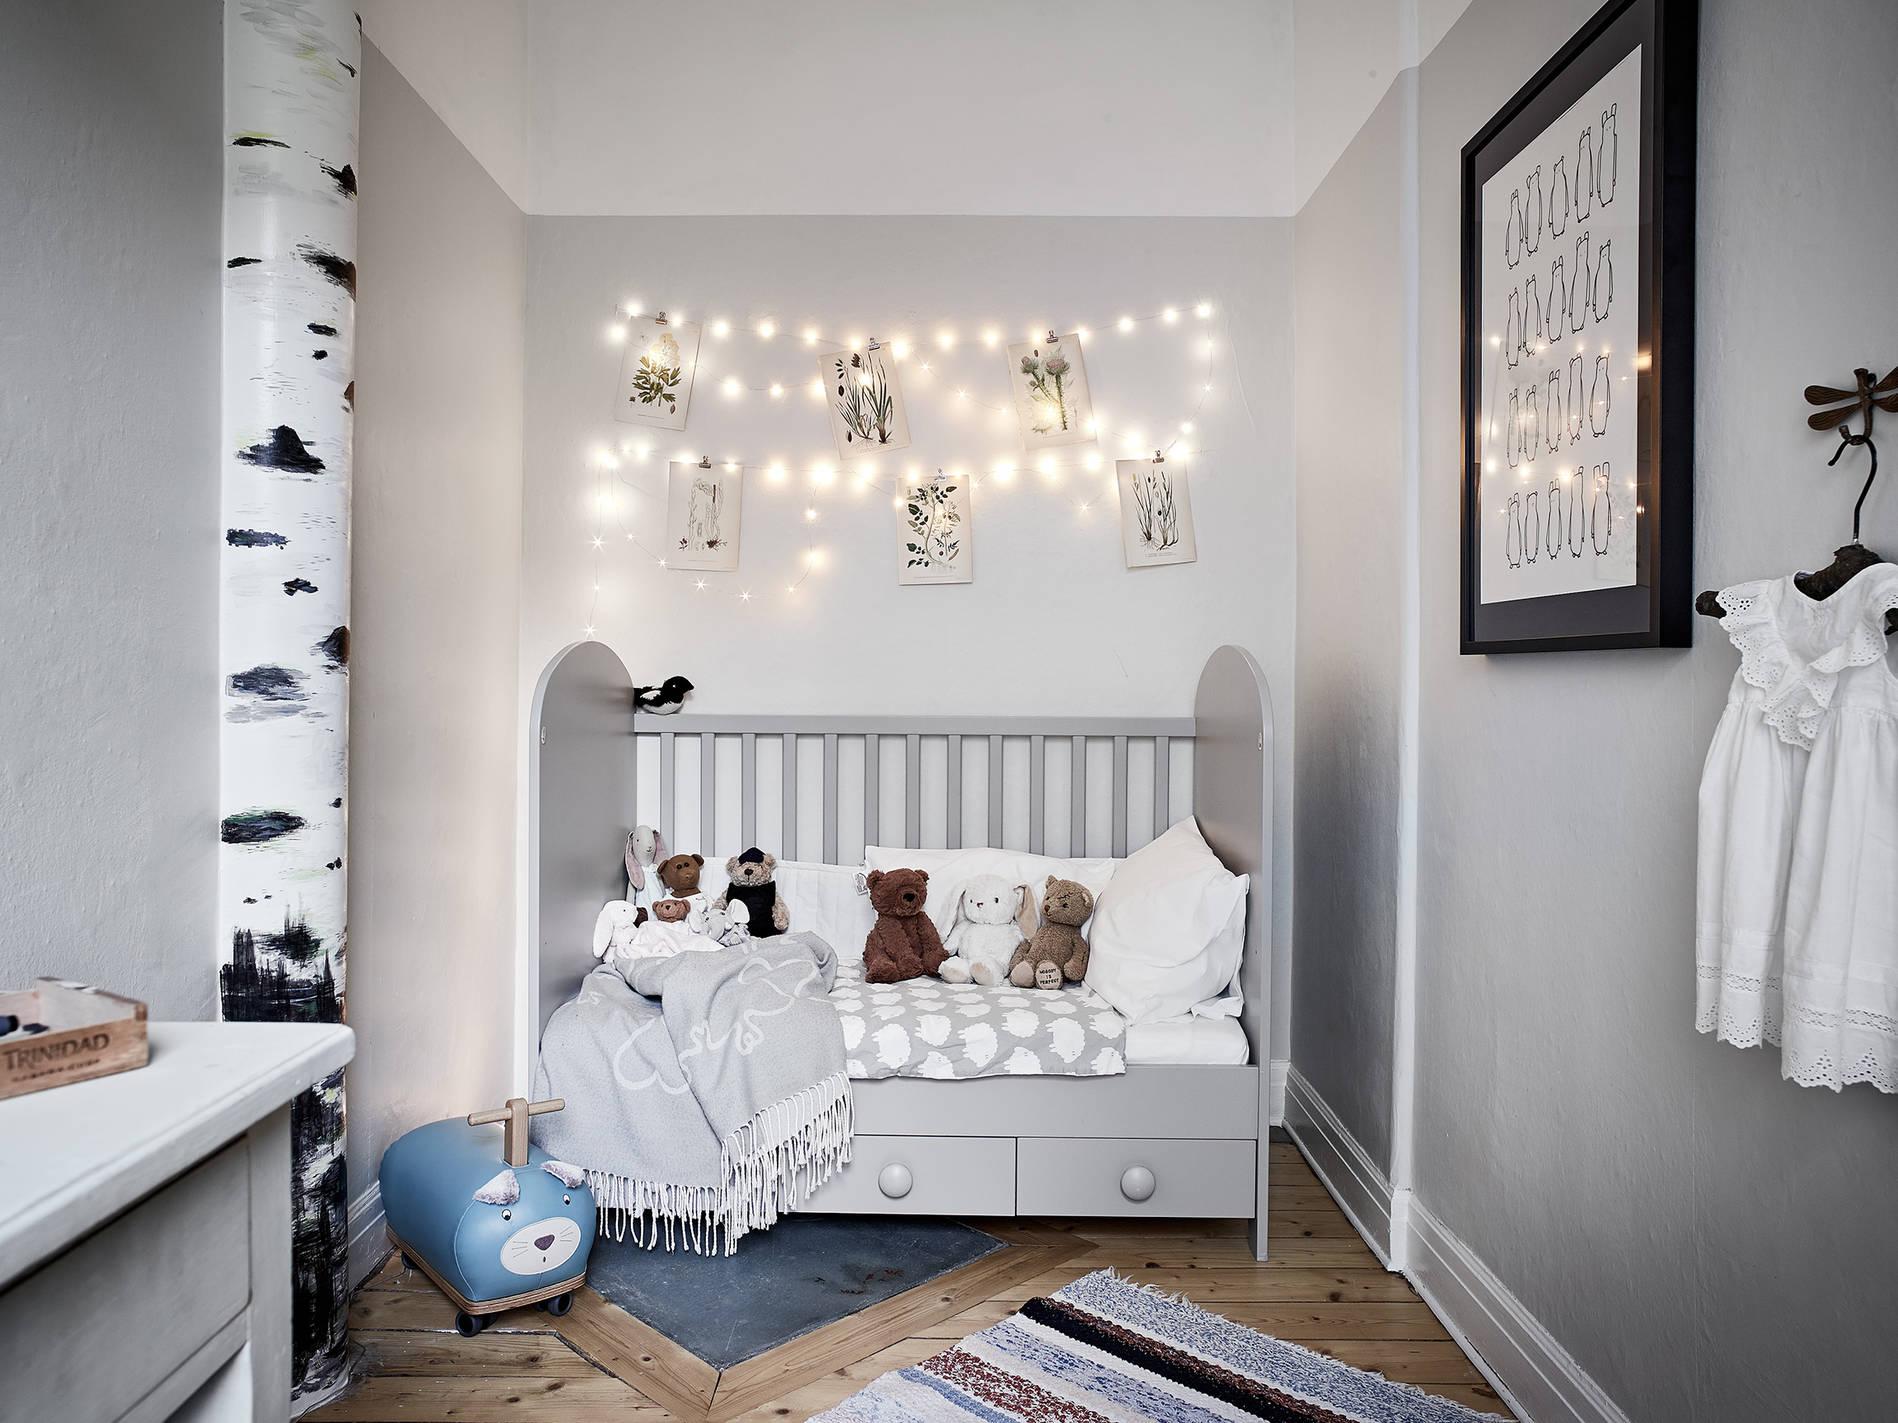 décoration_chambre_lit_enfant